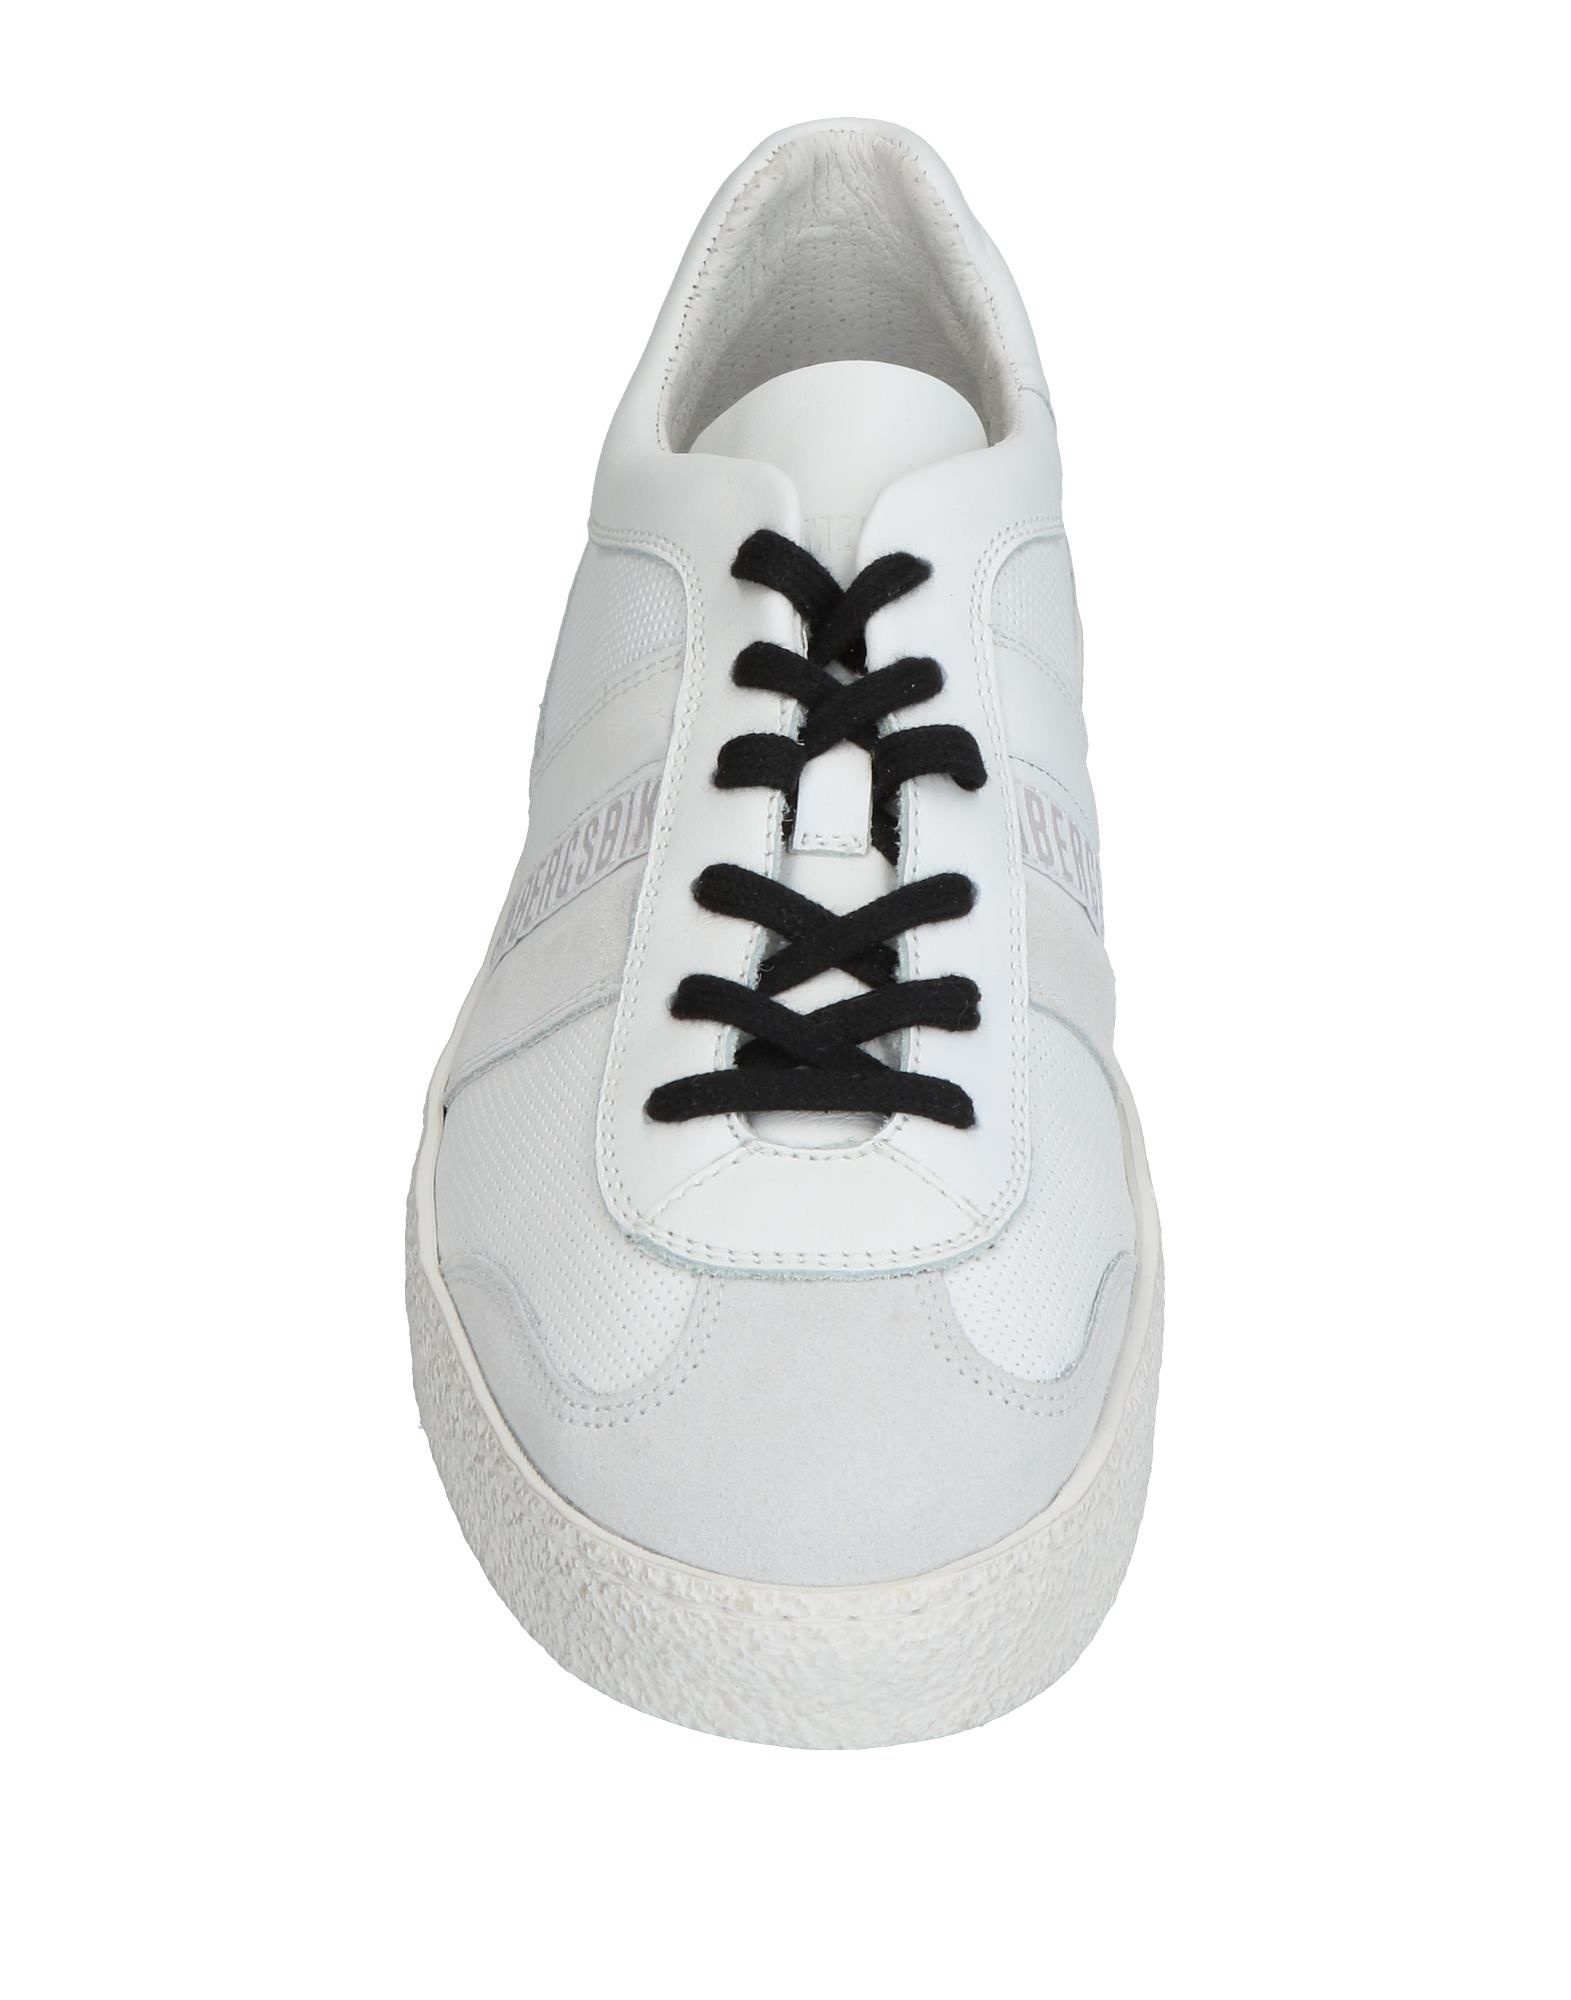 Rabatt echte Schuhe Bikkembergs Sneakers Herren Herren Sneakers  11326250PJ 179f01